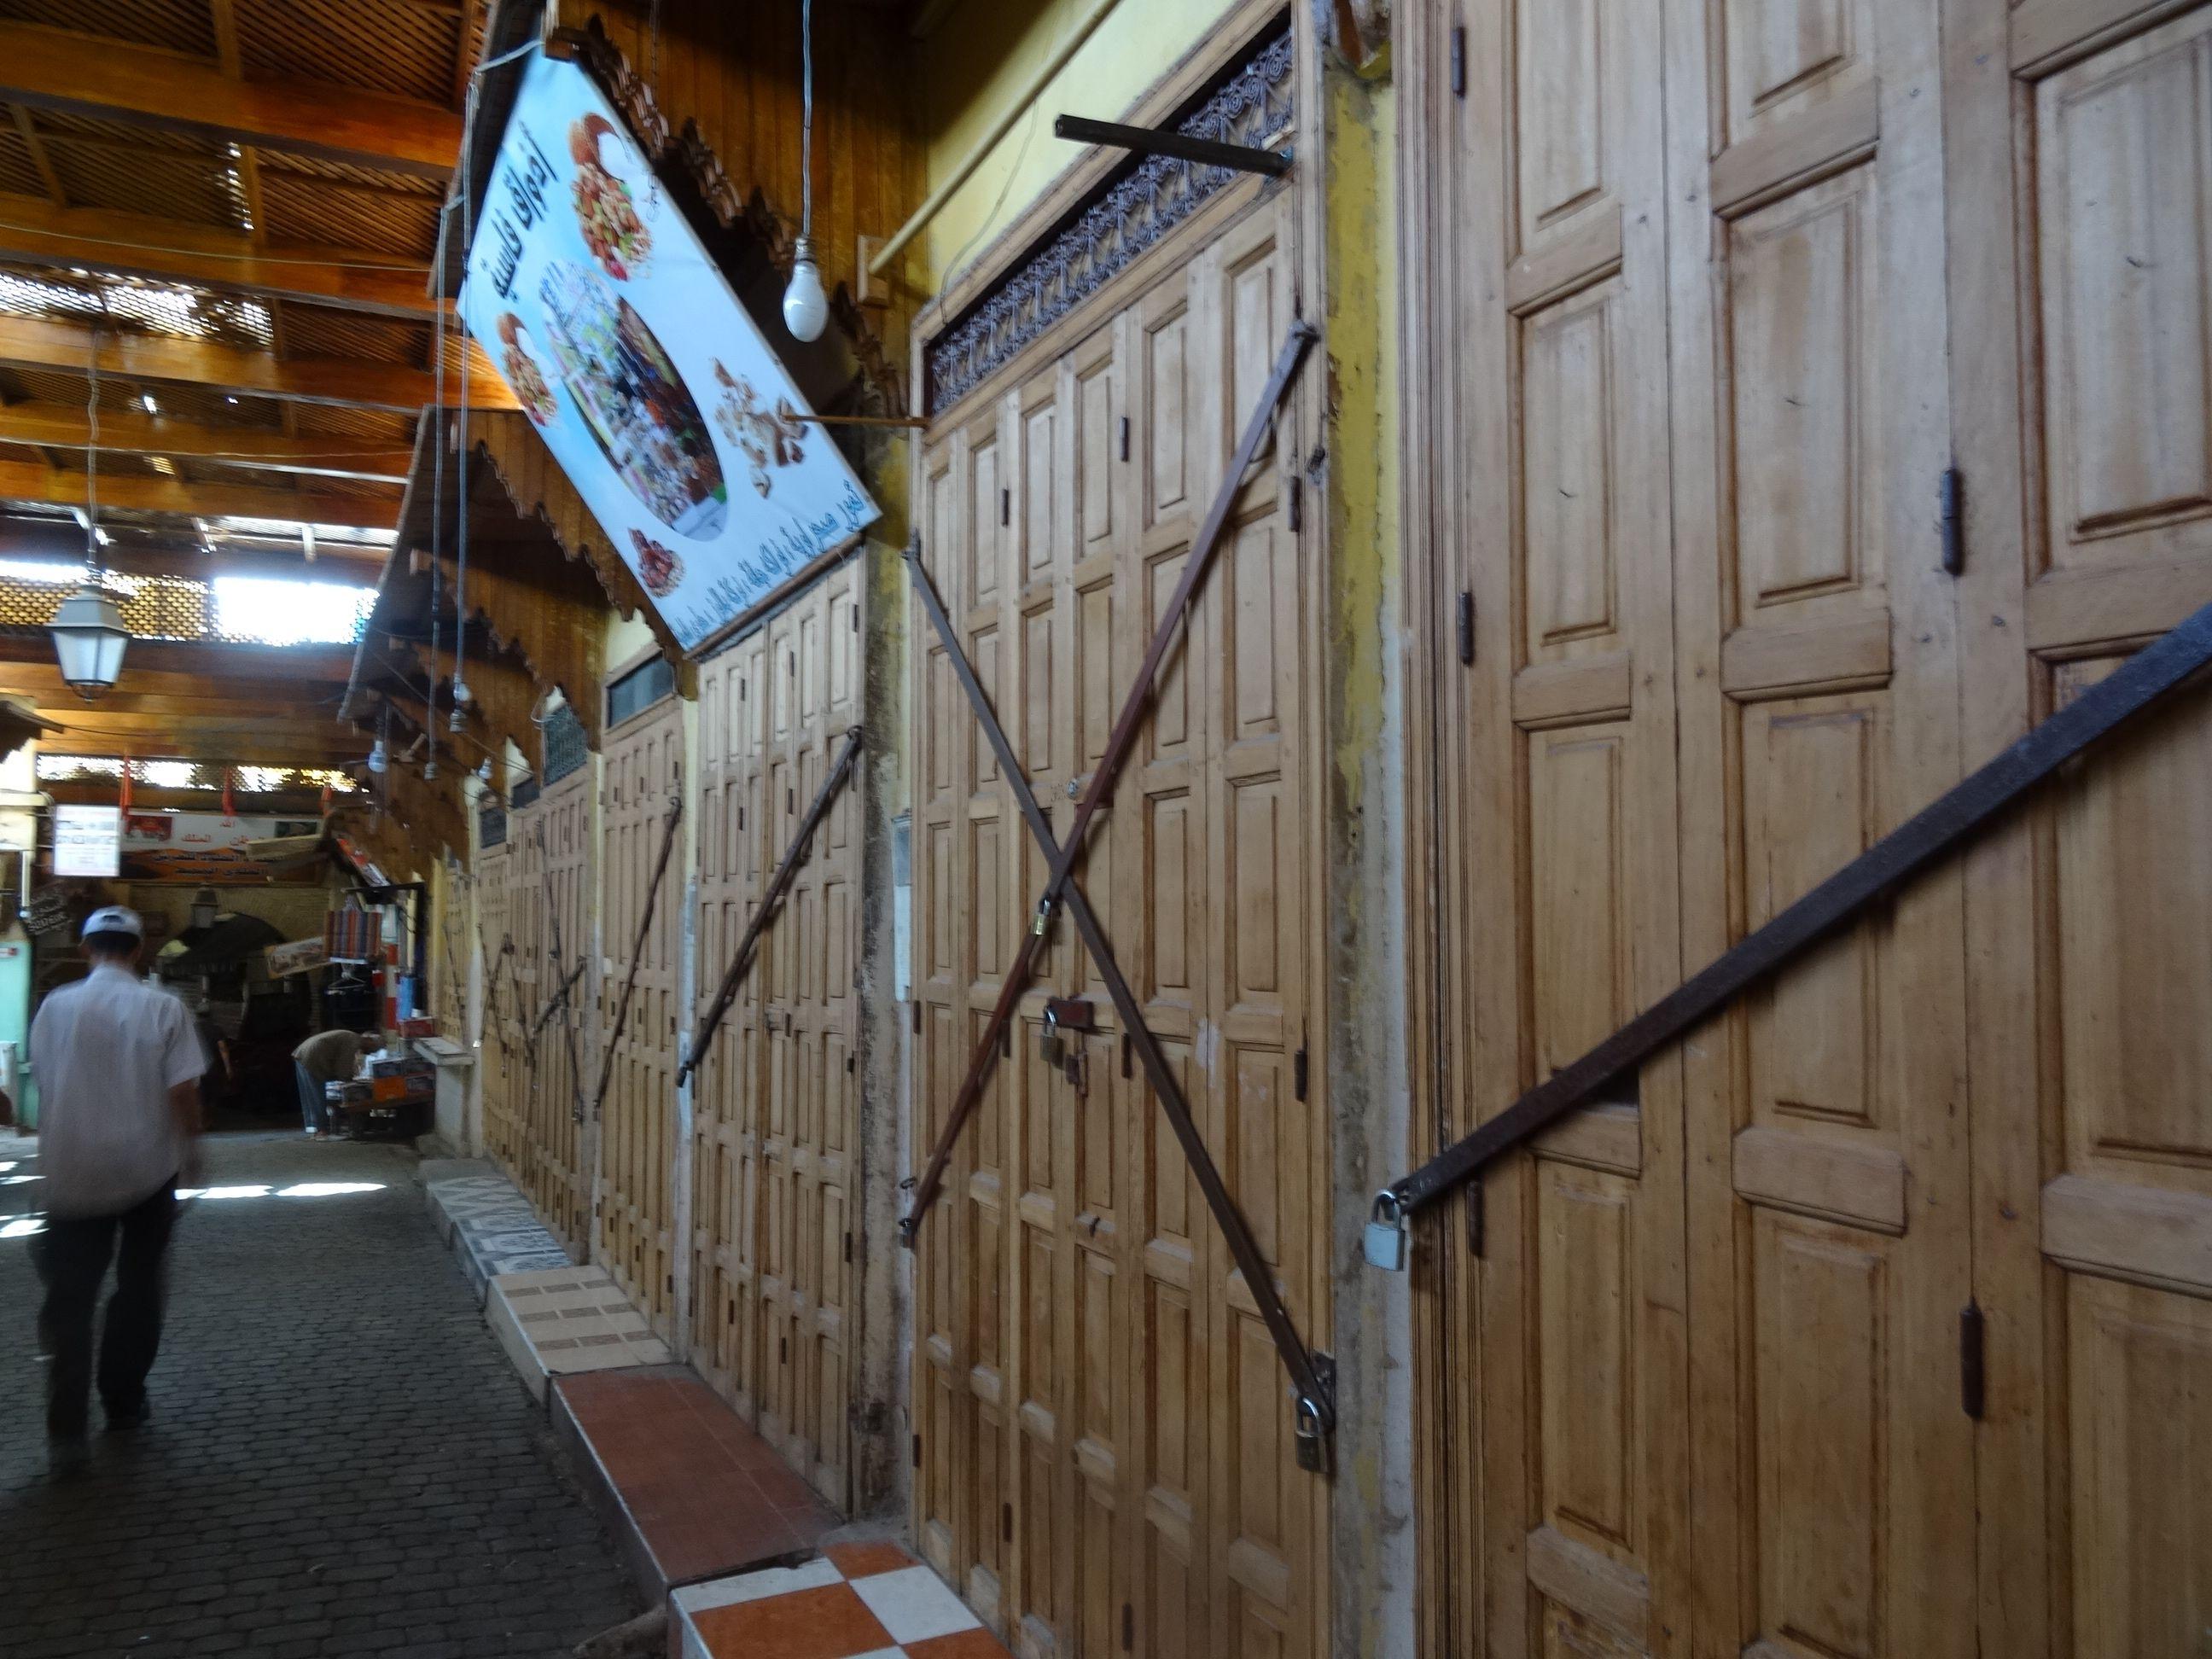 Bazar de la medina cerrado durante la llamada a la oración de los viernes